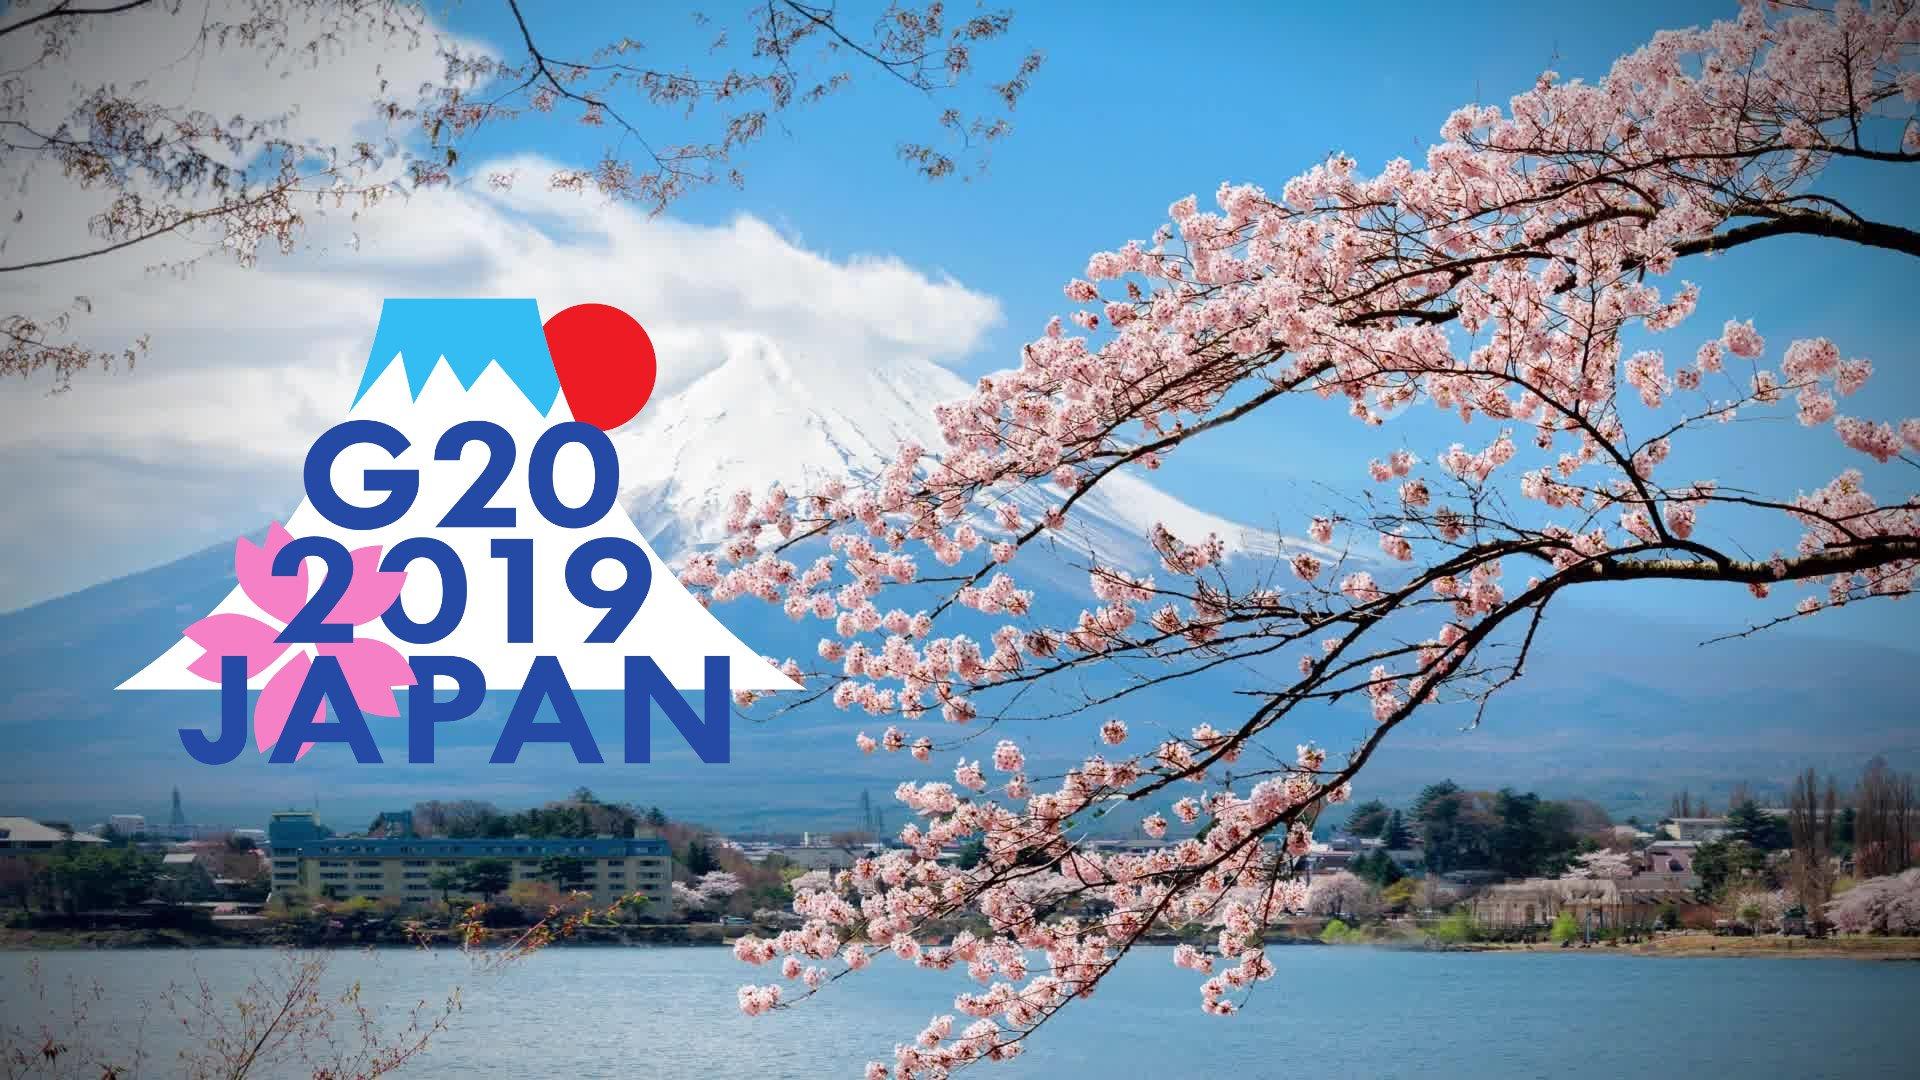 japonia g20